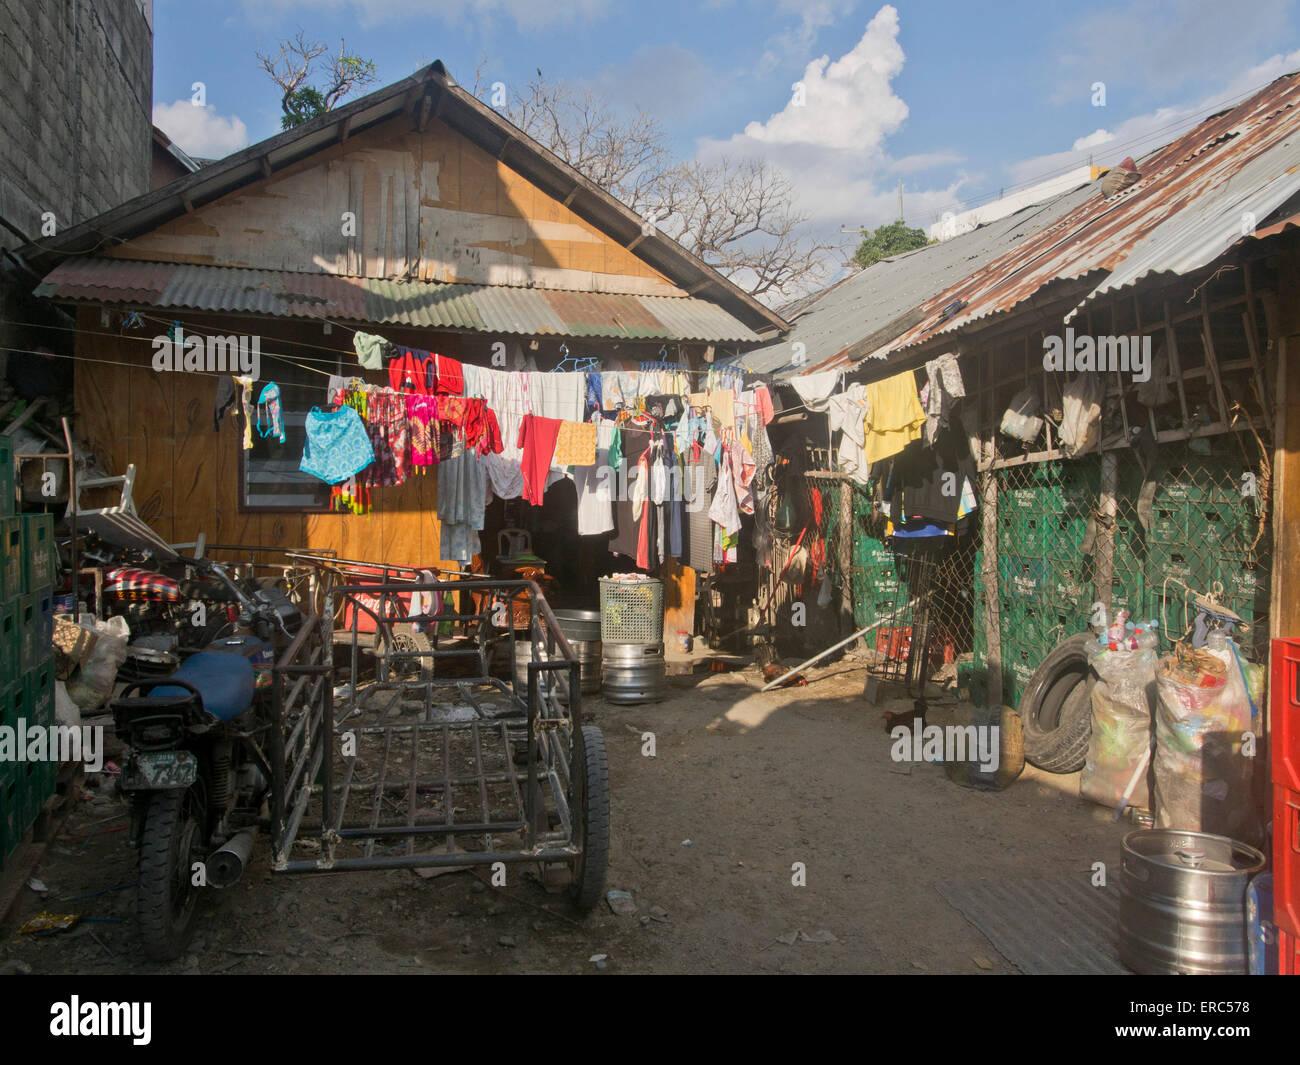 Local laundry home service in Ilo Ilo, Philippines - Stock Image